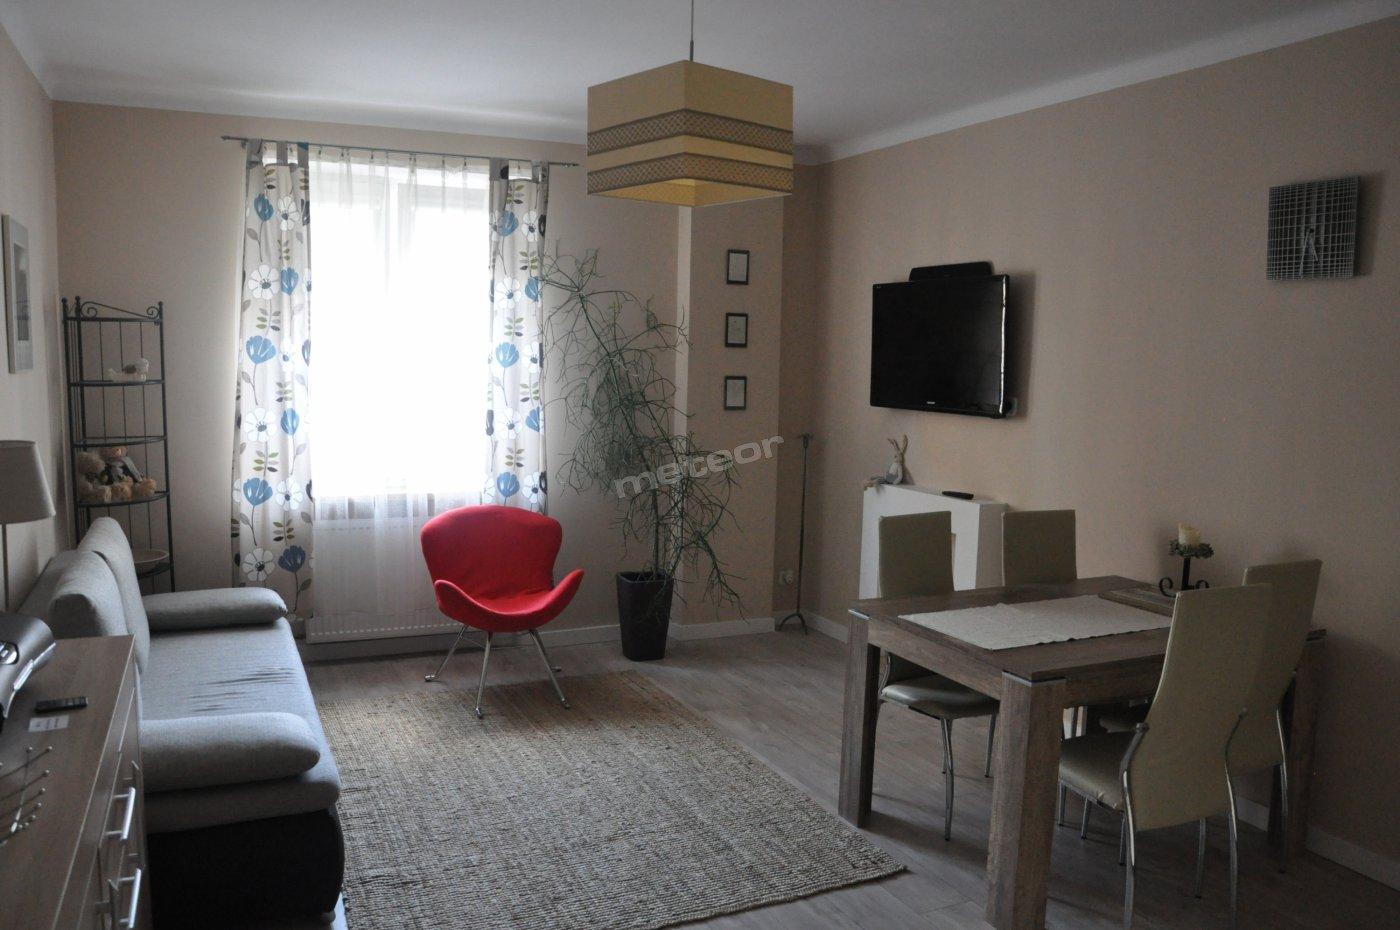 apartament dwupokojowy, czteroosobowy